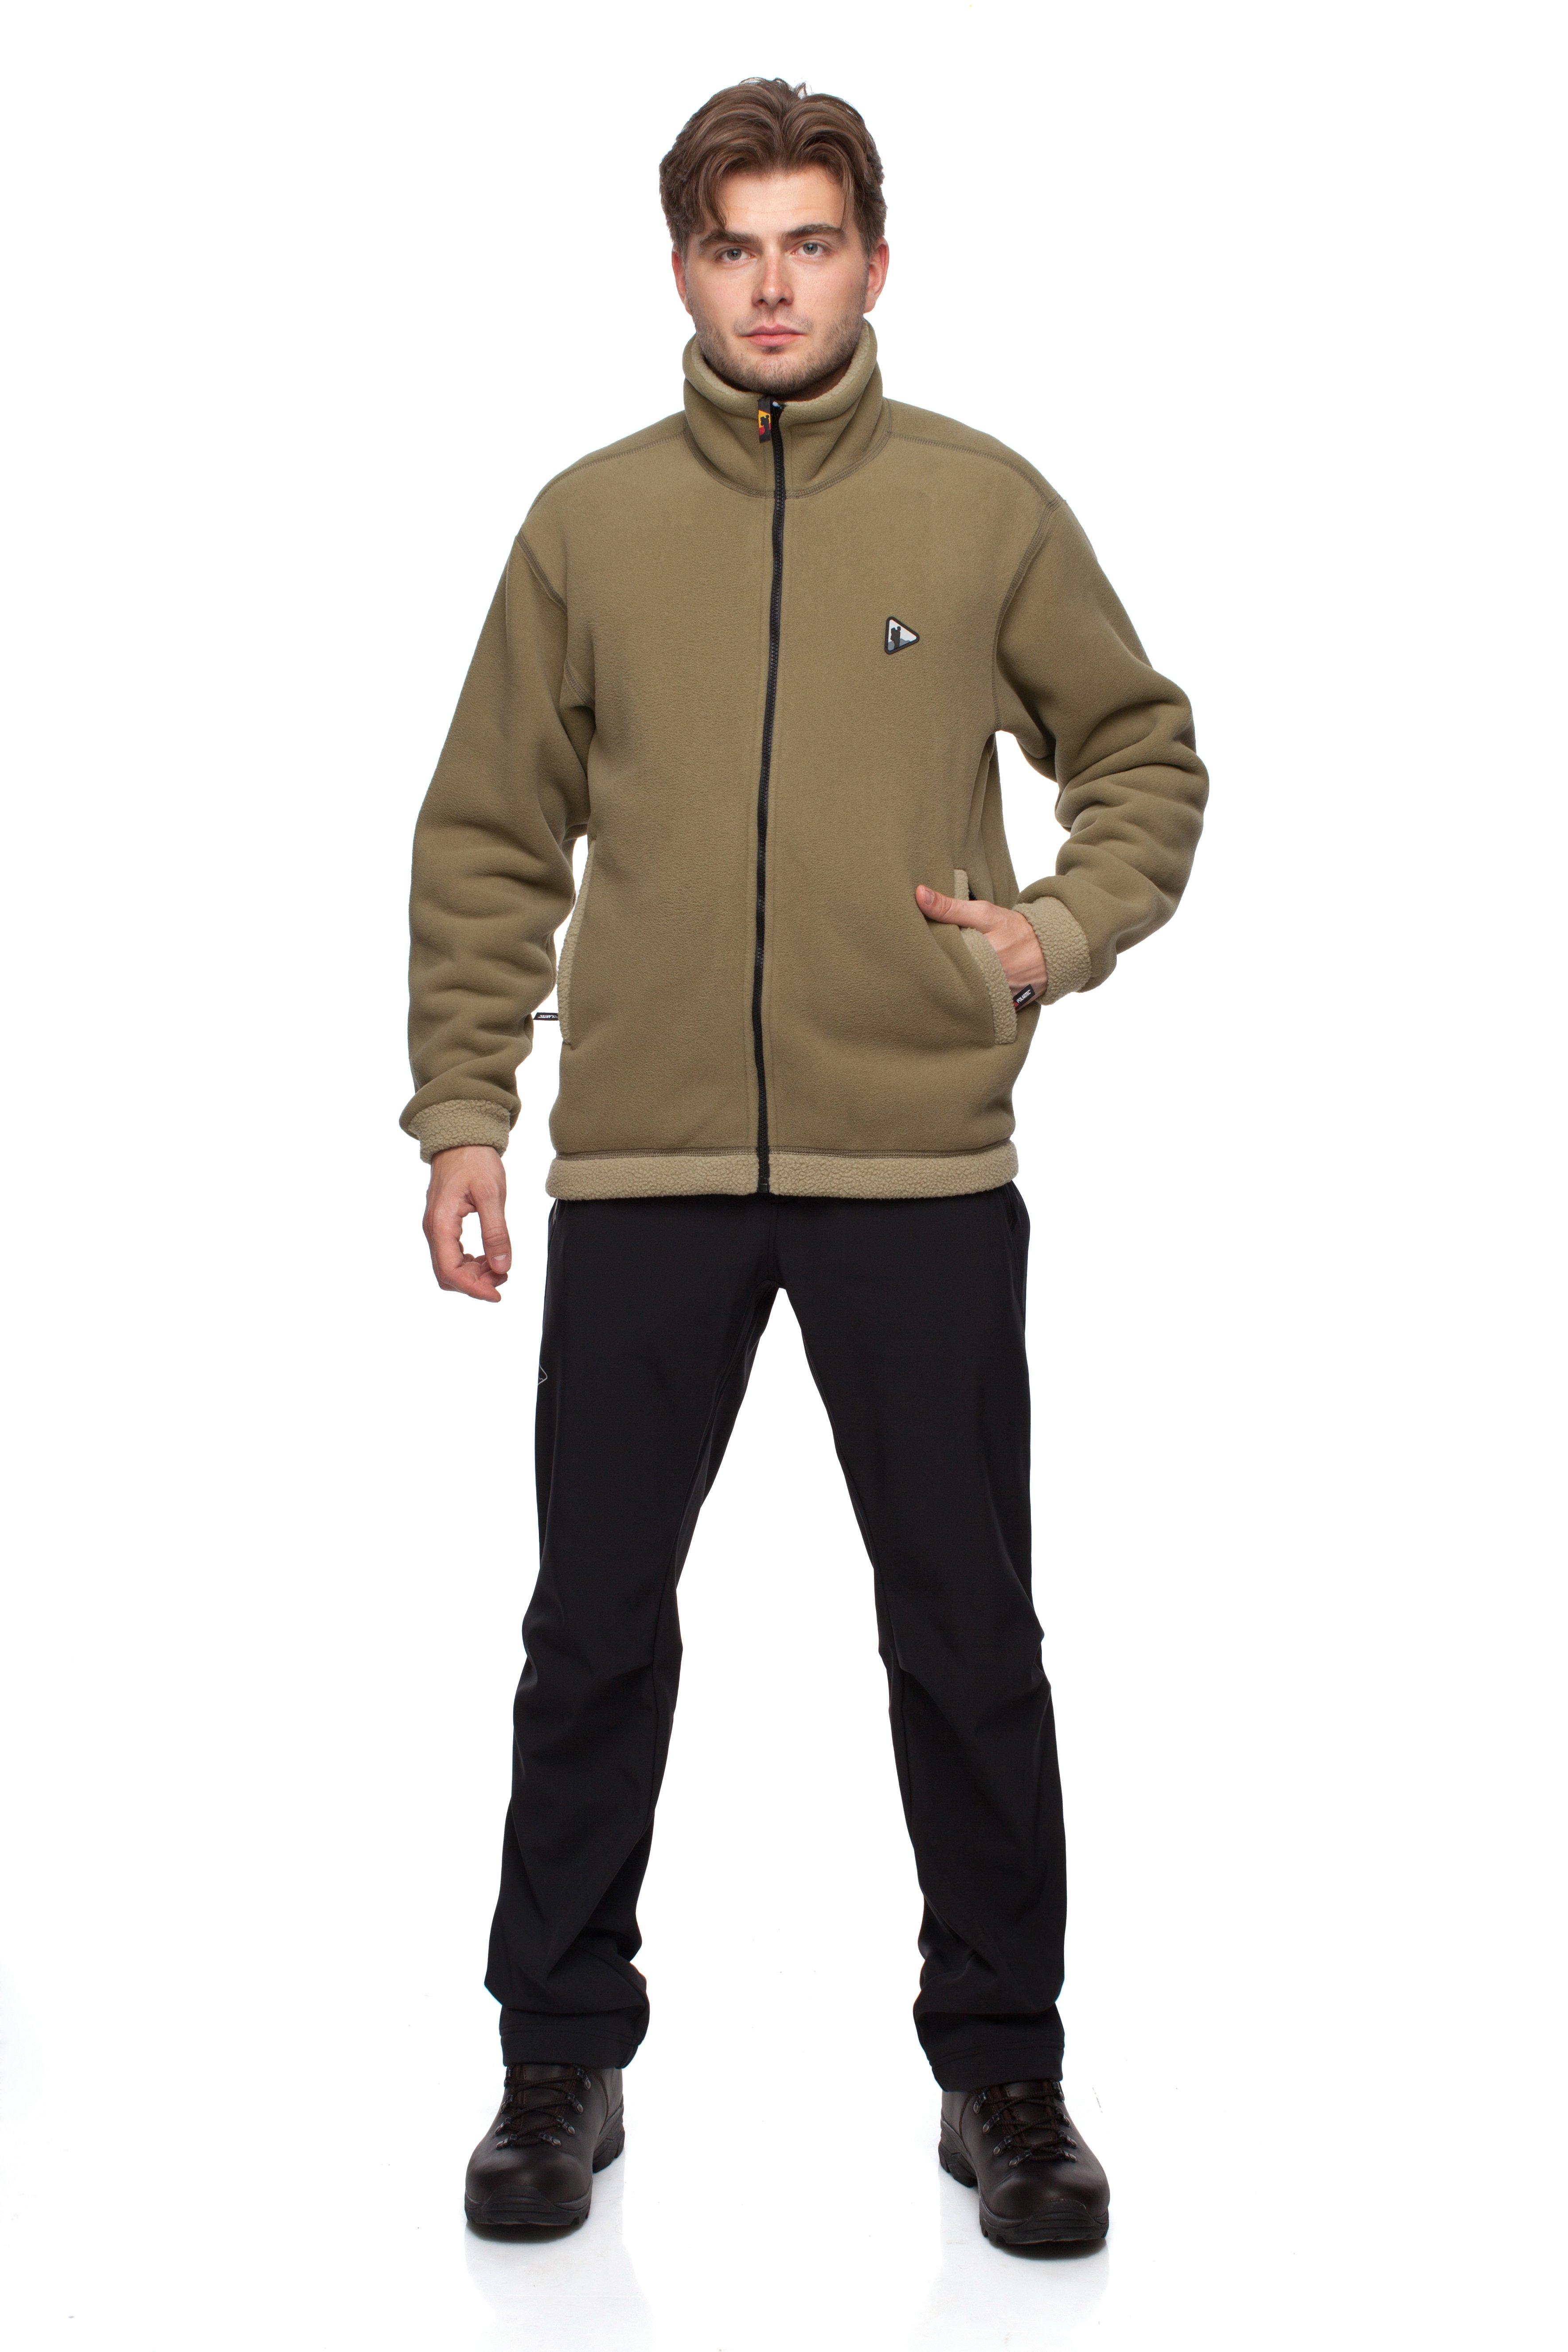 Куртка BASK GUDZON 655Куртка из ткани Polartec&amp;reg; Classic&amp;reg; 375, самой теплой в серии Polartec&amp;reg;. Ткань более ветроустойчива по сравнению с другими тканями серии, ворсистая внутренняя поверхность лучше сохраняет тепло. Для достижения максимального комфорта применена технология плоские швы.<br><br>Боковые карманы: 2<br>Вес граммы: 810<br>Ветрозащитная планка: Да<br>Внутренние карманы: 2<br>Материал: Polartec® Classic 375<br>Материал усиления: нет<br>Пол: Муж.<br>Регулировка вентиляции: Нет<br>Регулировка низа: Да<br>Регулируемые вентиляционные отверстия: Нет<br>Тип молнии: Однозамковая<br>Усиление контактных зон: Нет<br>Размер INT: M<br>Цвет: ЗЕЛЕНЫЙ